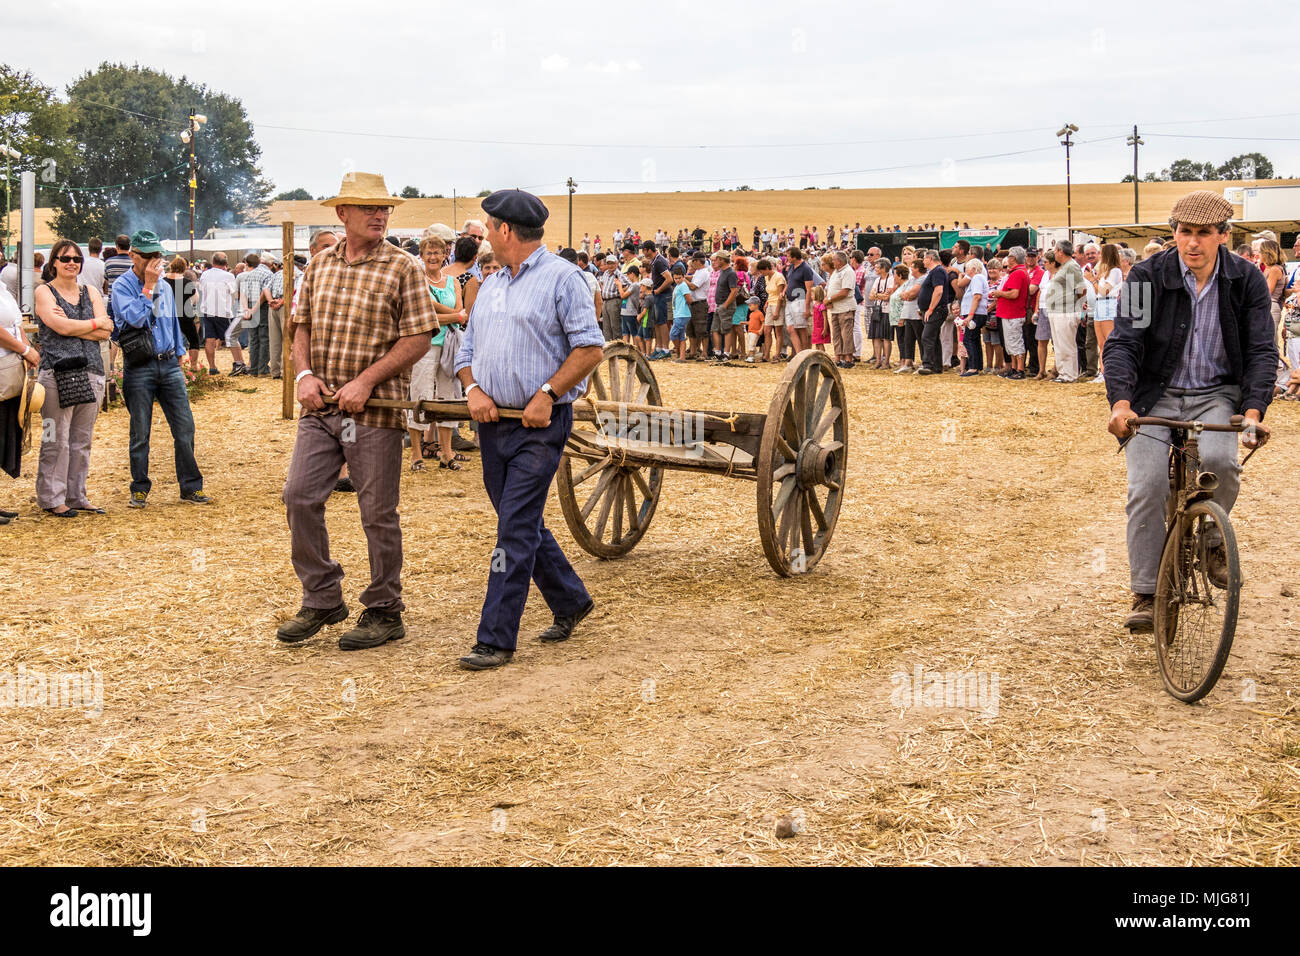 Fete De La Moisson Valennes Sarthe Frankreich landwirtschaftliches Fest, in dem die Bauern aus ihren vergangenen und gegenwärtigen landwirtschaftlichen Weg des Lebens zeigen. Stockbild